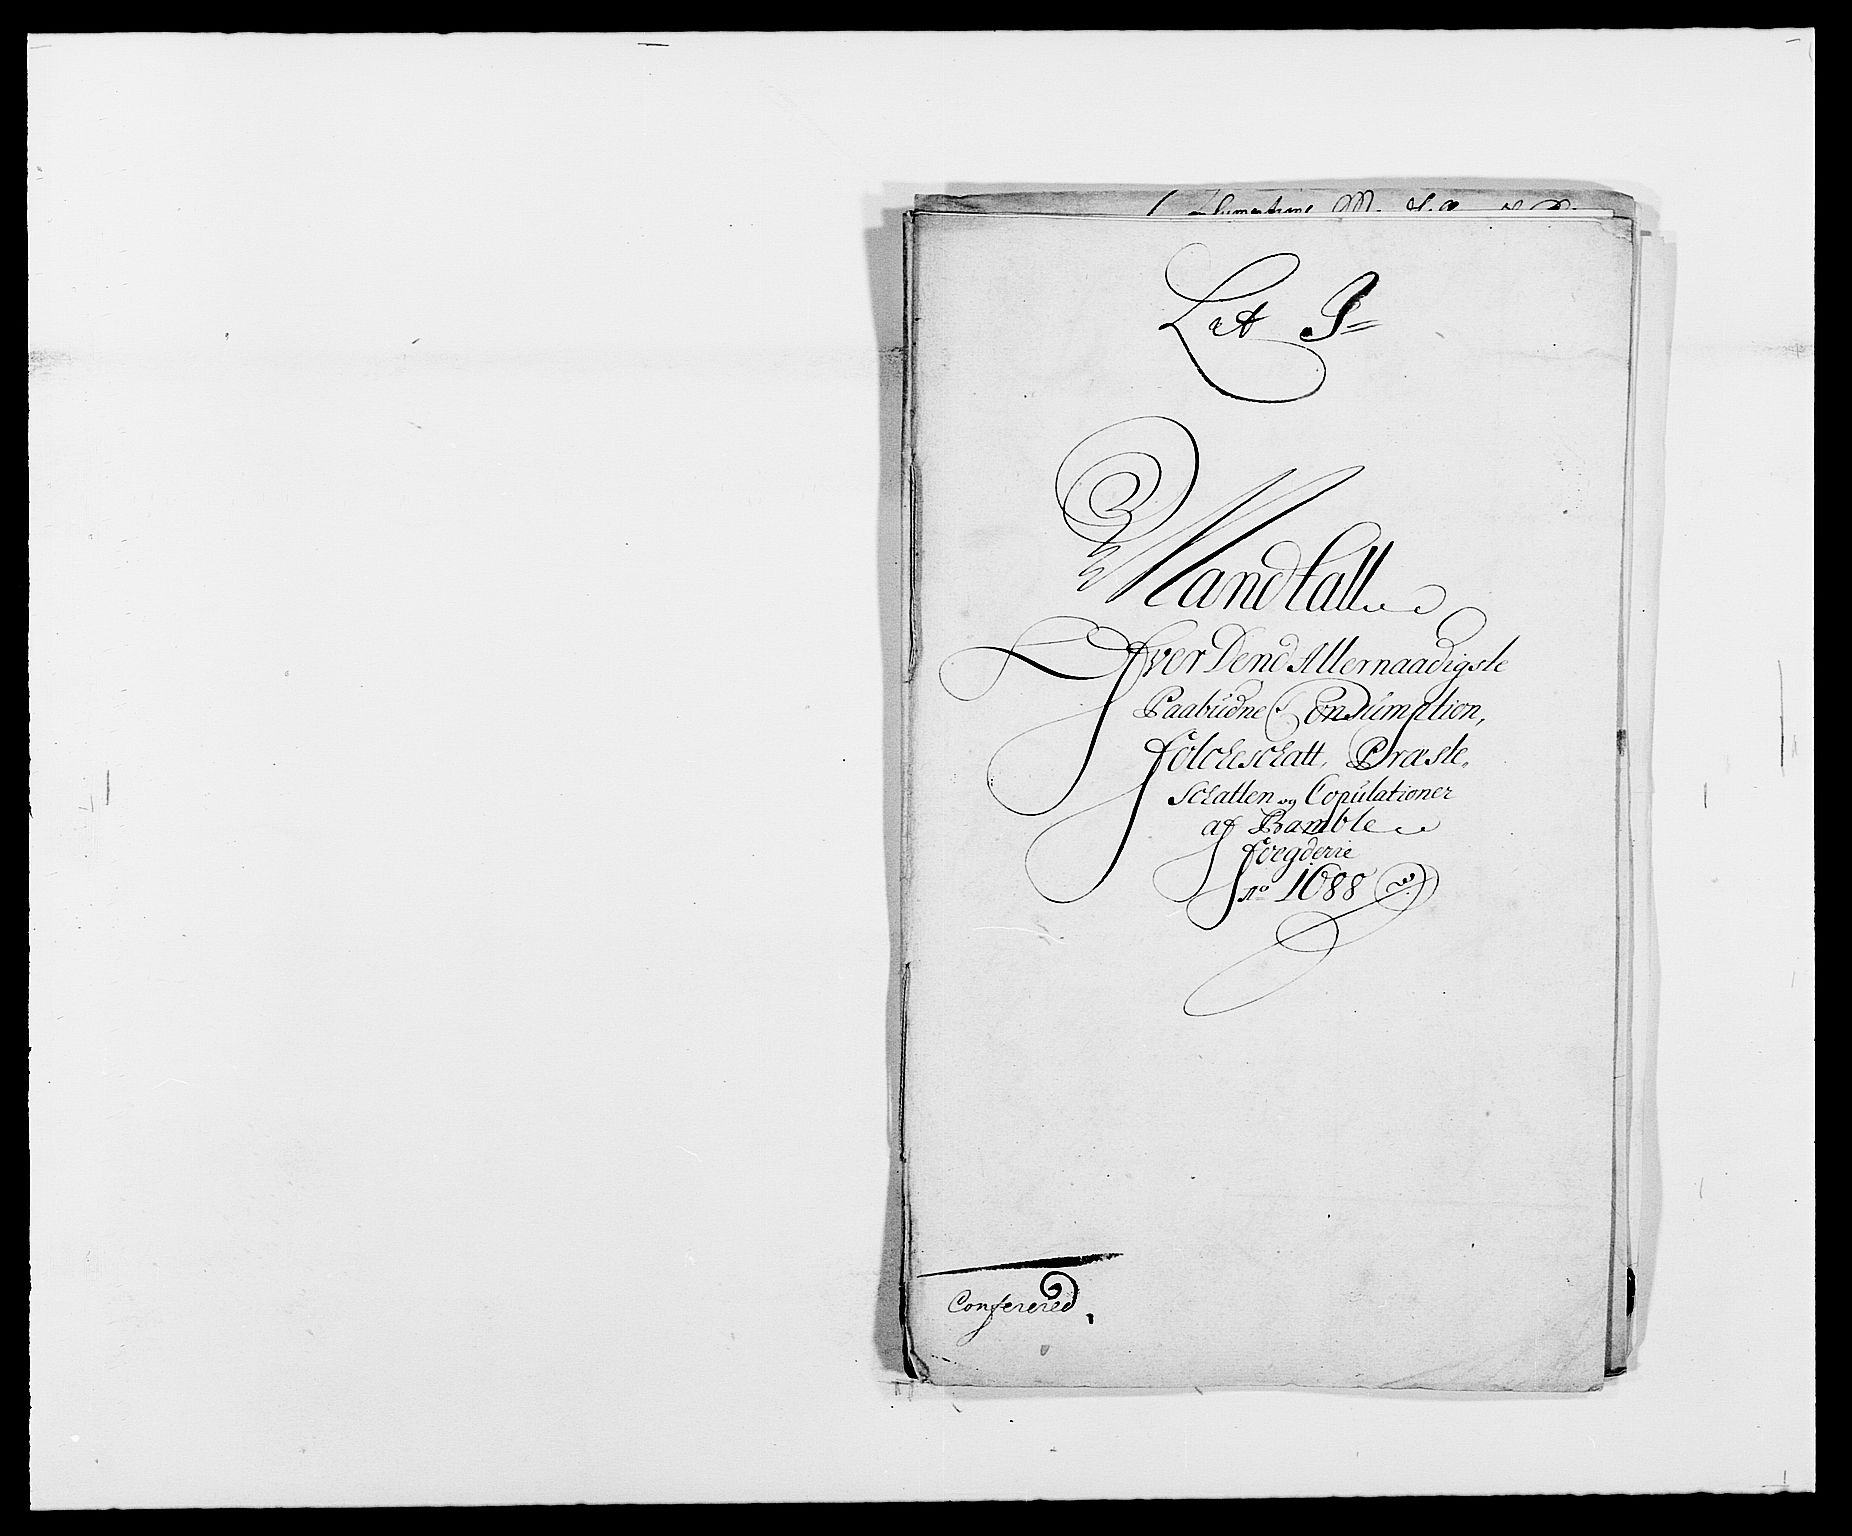 RA, Rentekammeret inntil 1814, Reviderte regnskaper, Fogderegnskap, R34/L2050: Fogderegnskap Bamble, 1688-1691, s. 143